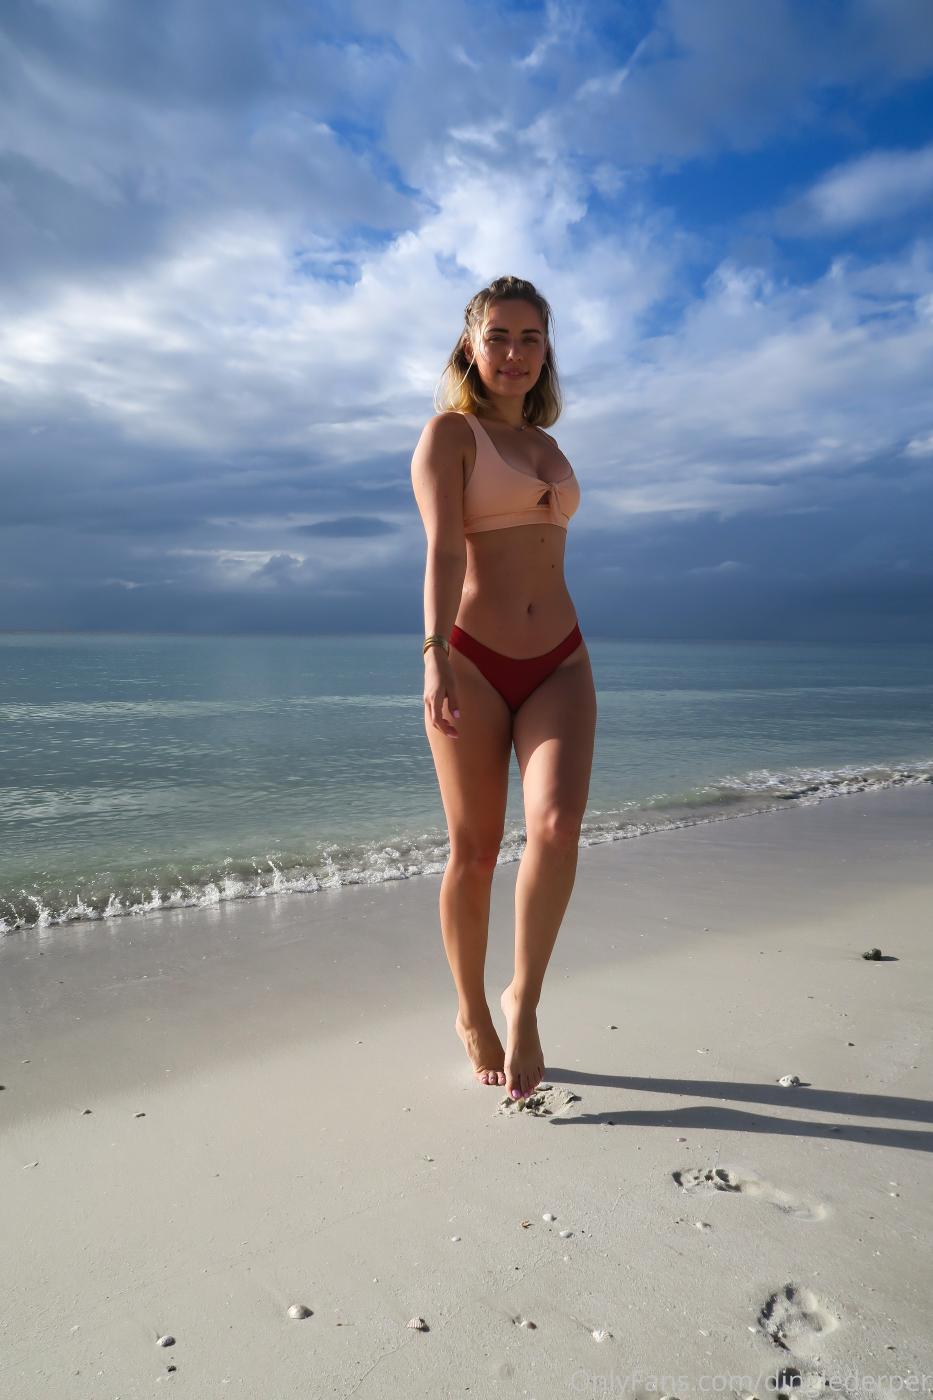 Dinglederper Beach Onlyfans Set Leaked 0019